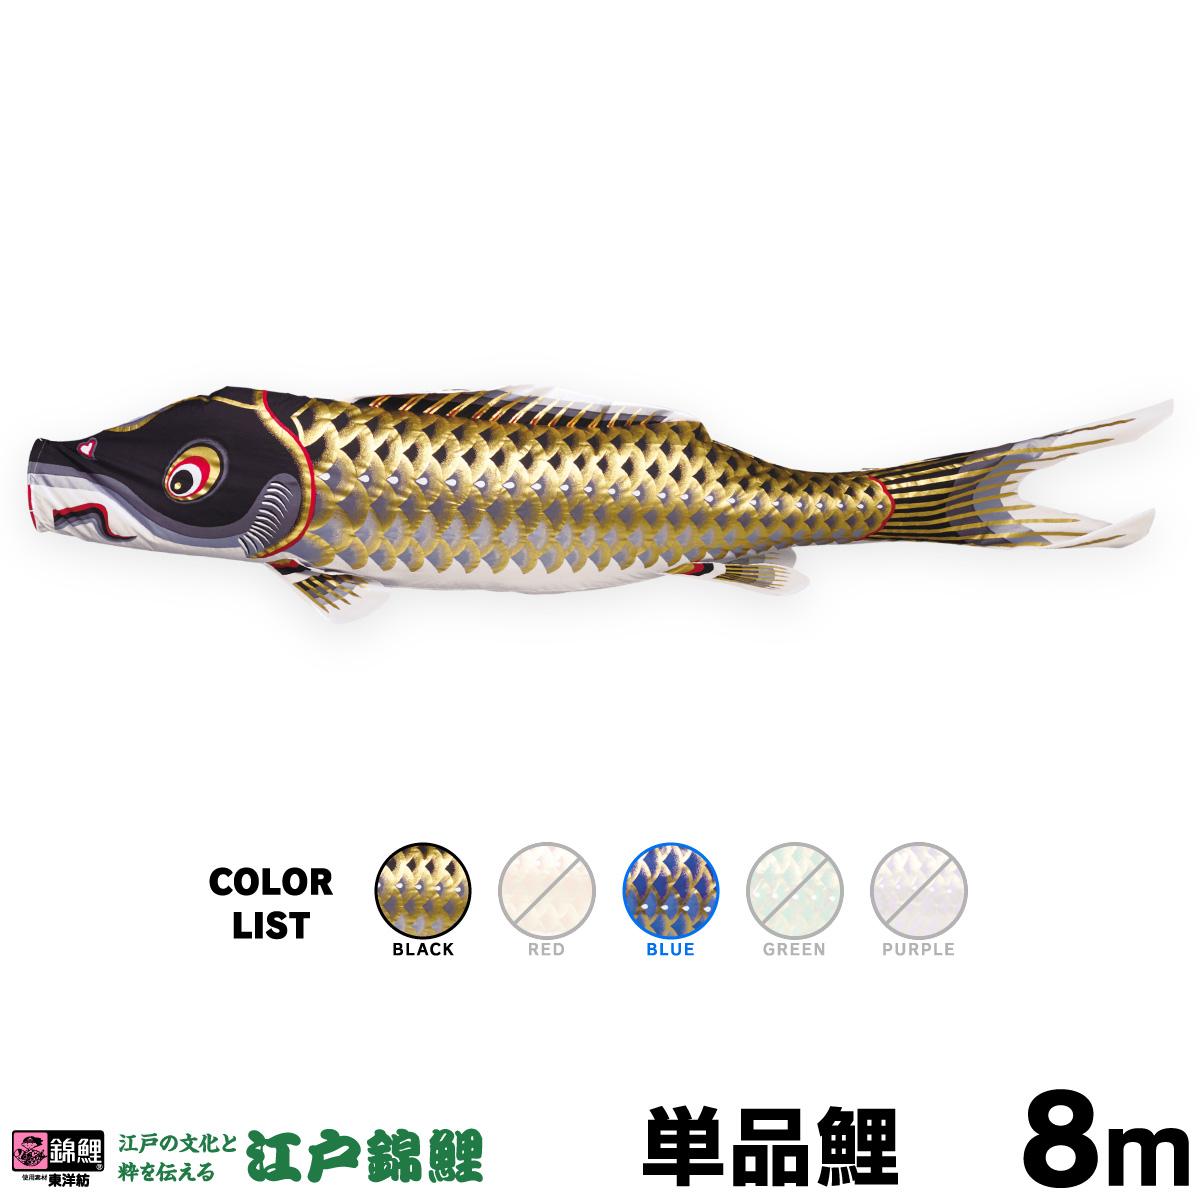 【こいのぼり 単品】 江戸錦鯉 8m 単品鯉